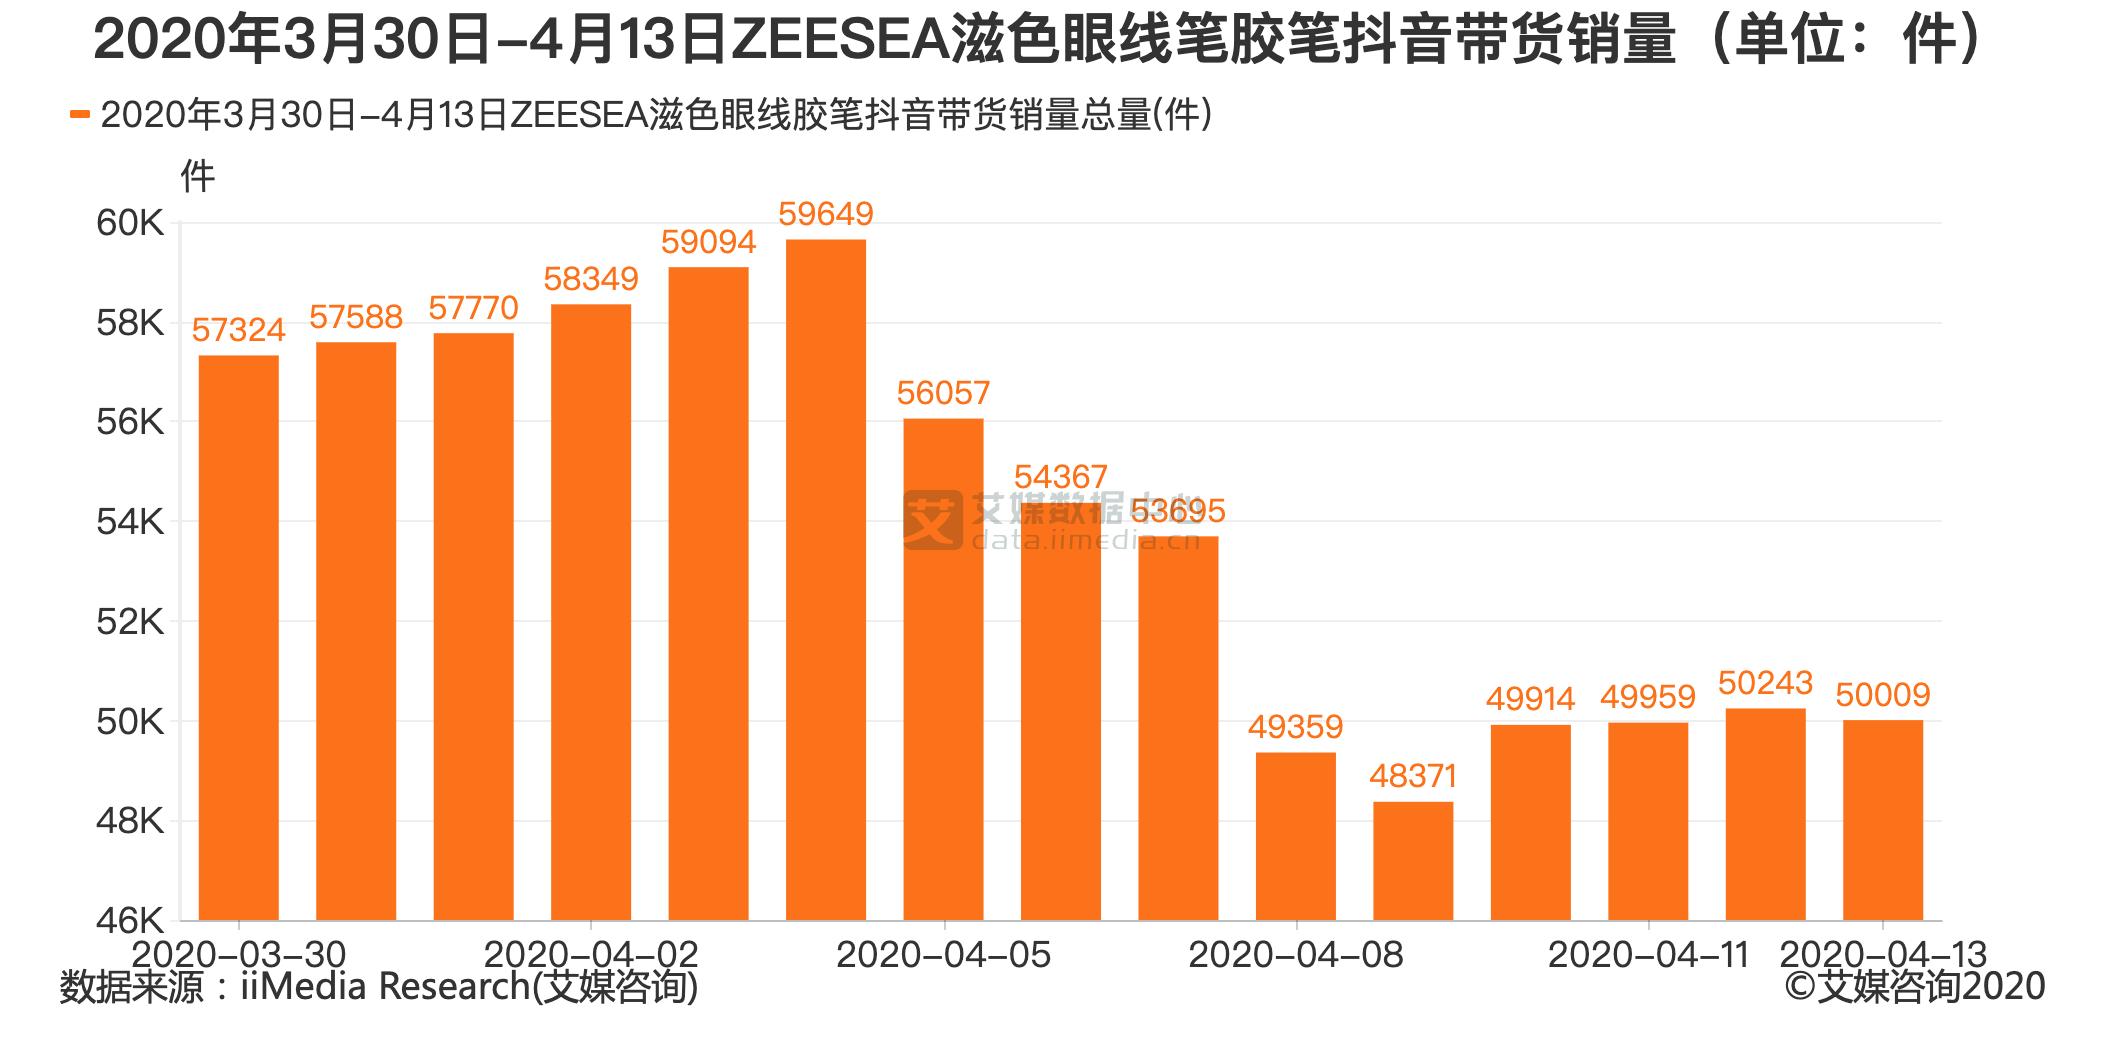 2020年3月30日-4月13日ZEESEA滋色眼线笔胶笔抖音带货销量(单位:件)